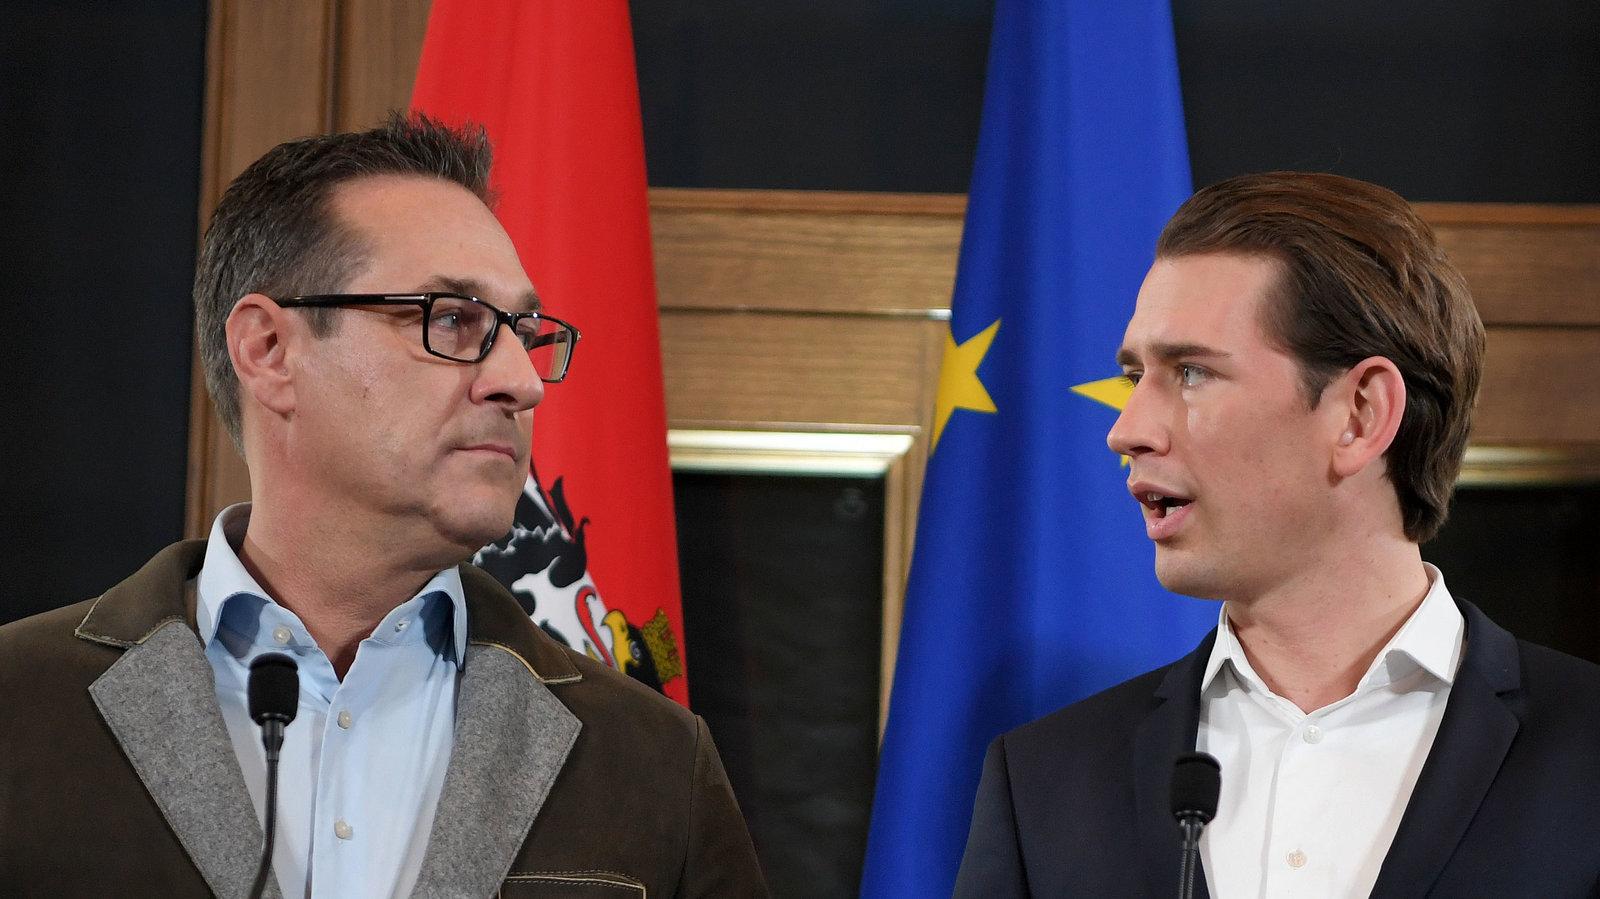 Video: Austria's far-right to enter government